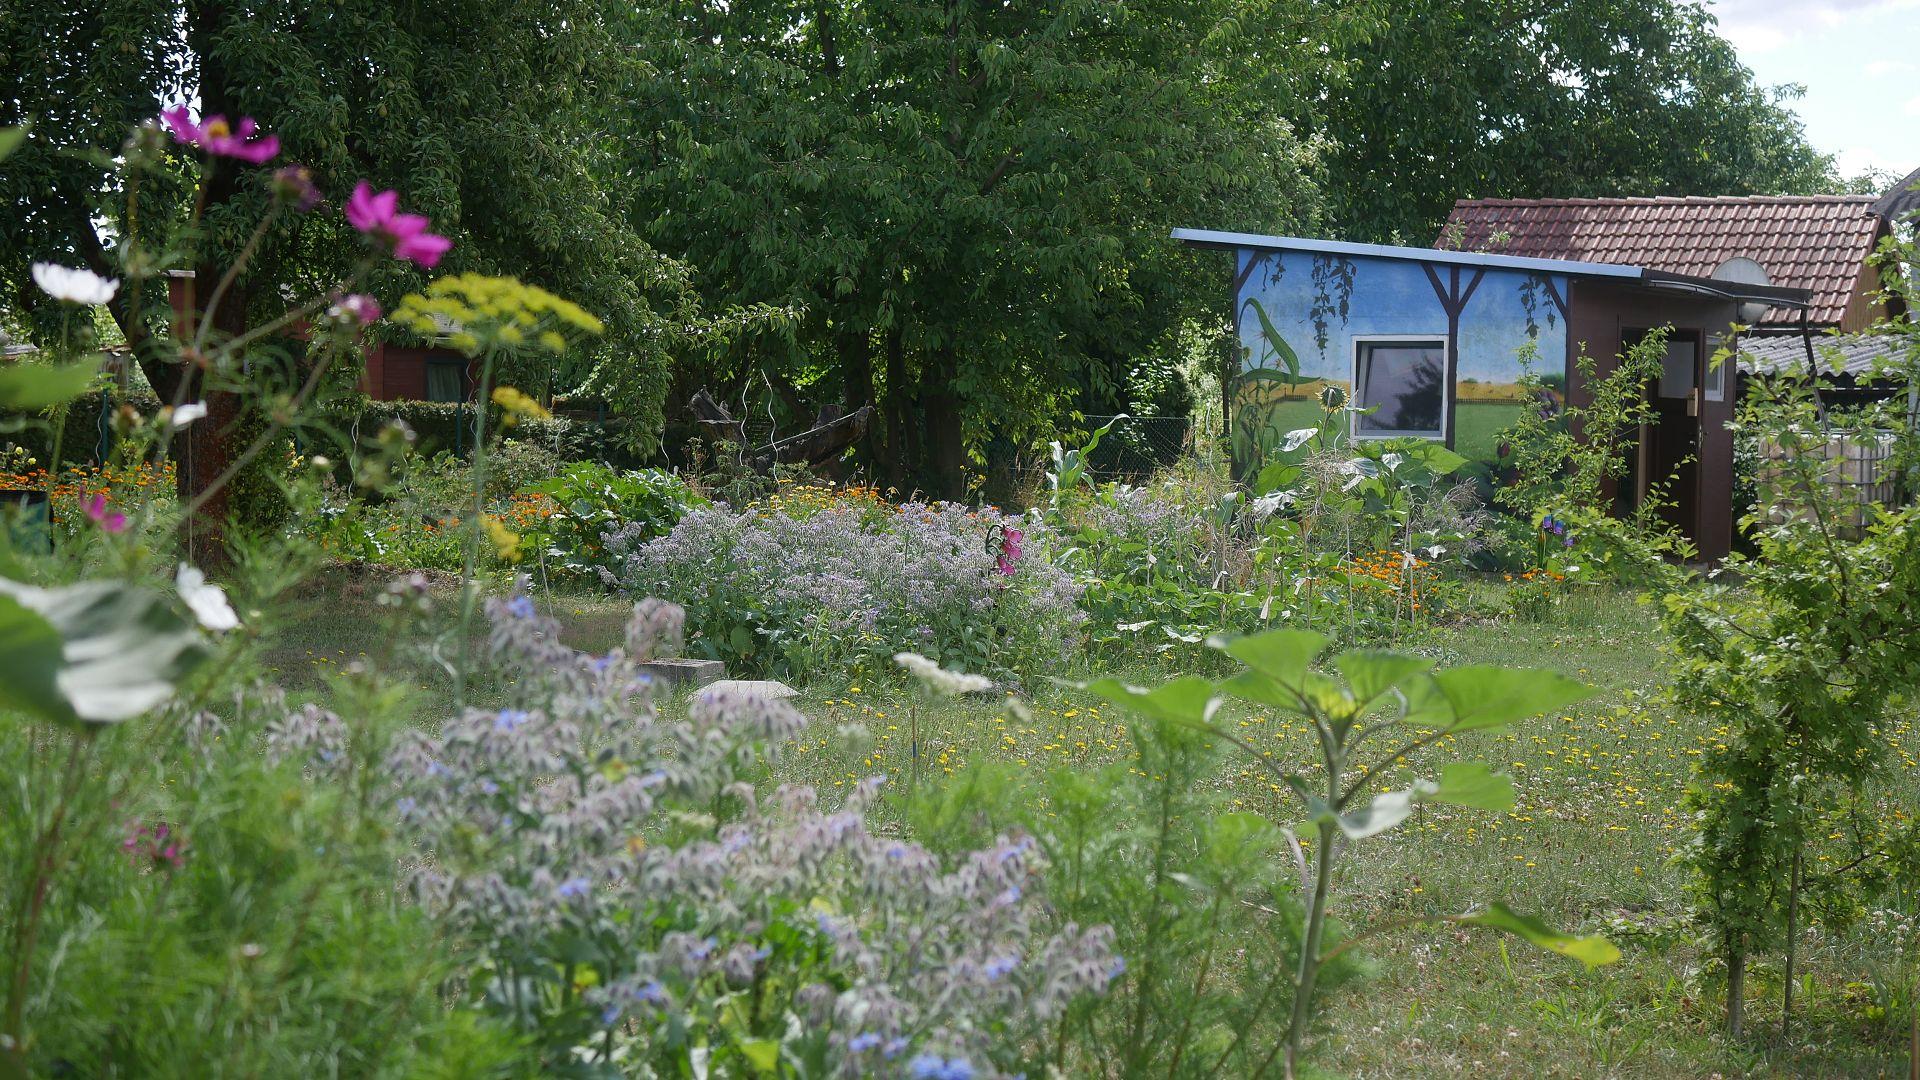 Gartenjahr 2018 Gartensaison 2018 Garteneinblick Gartenrundgang Gartenerlebnisse Gartenmomente Gemüse Naturgarten